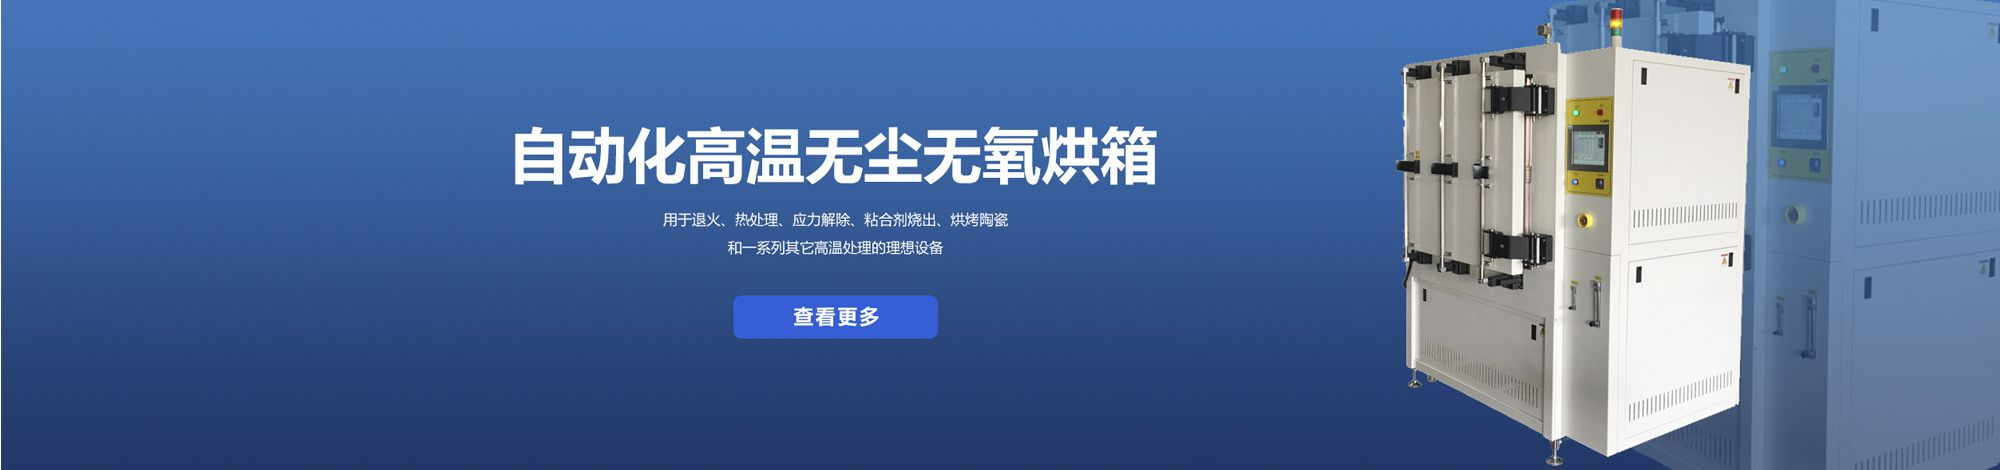 上海旦顺实业有限公司